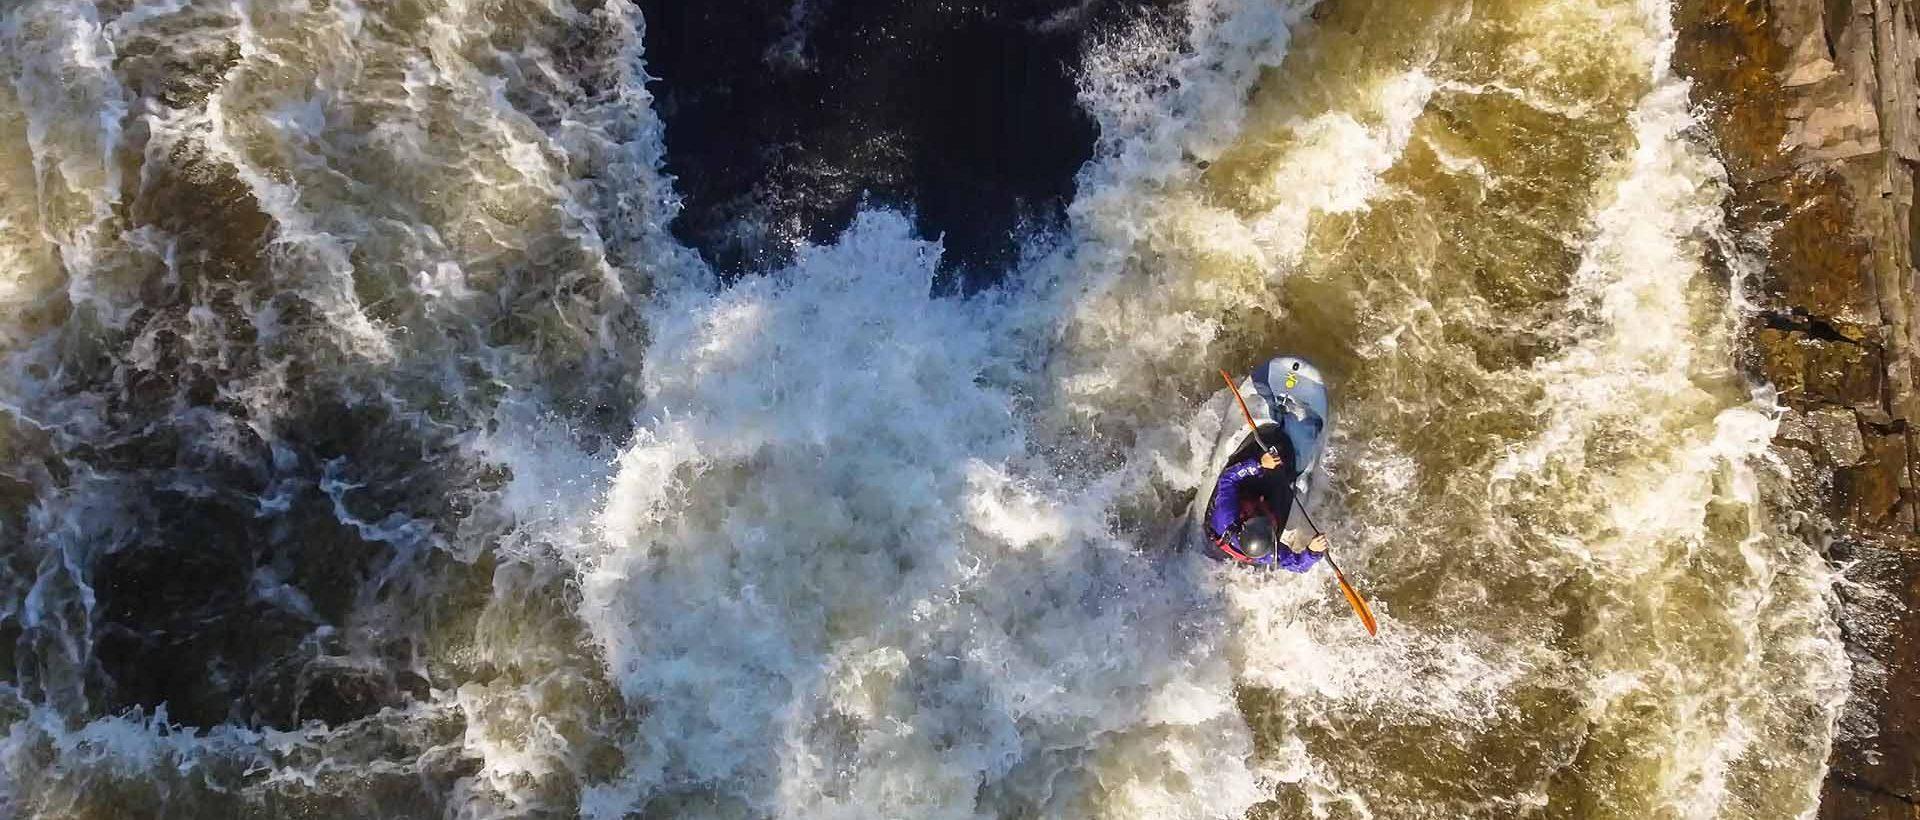 recon aerial imaging aerial photo